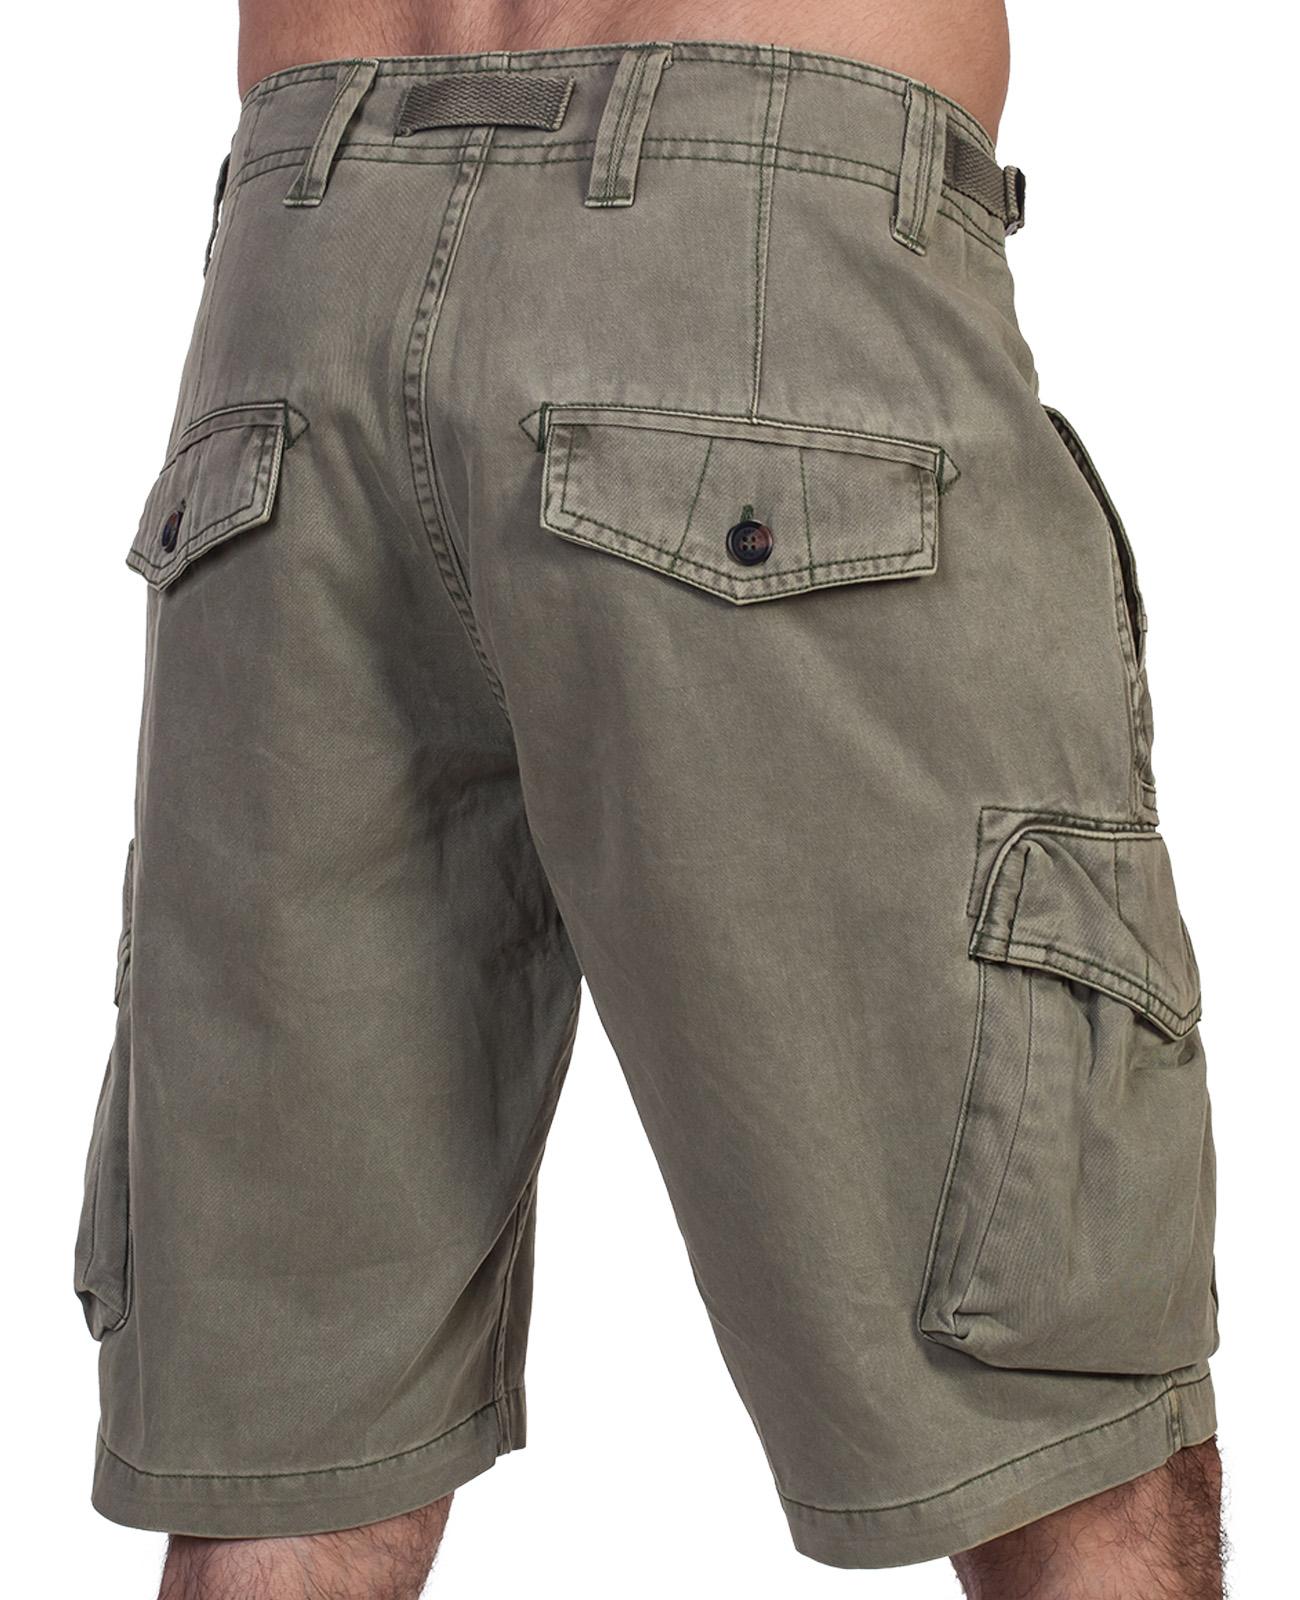 Недорогие шорты бермуды для парней и мужчин